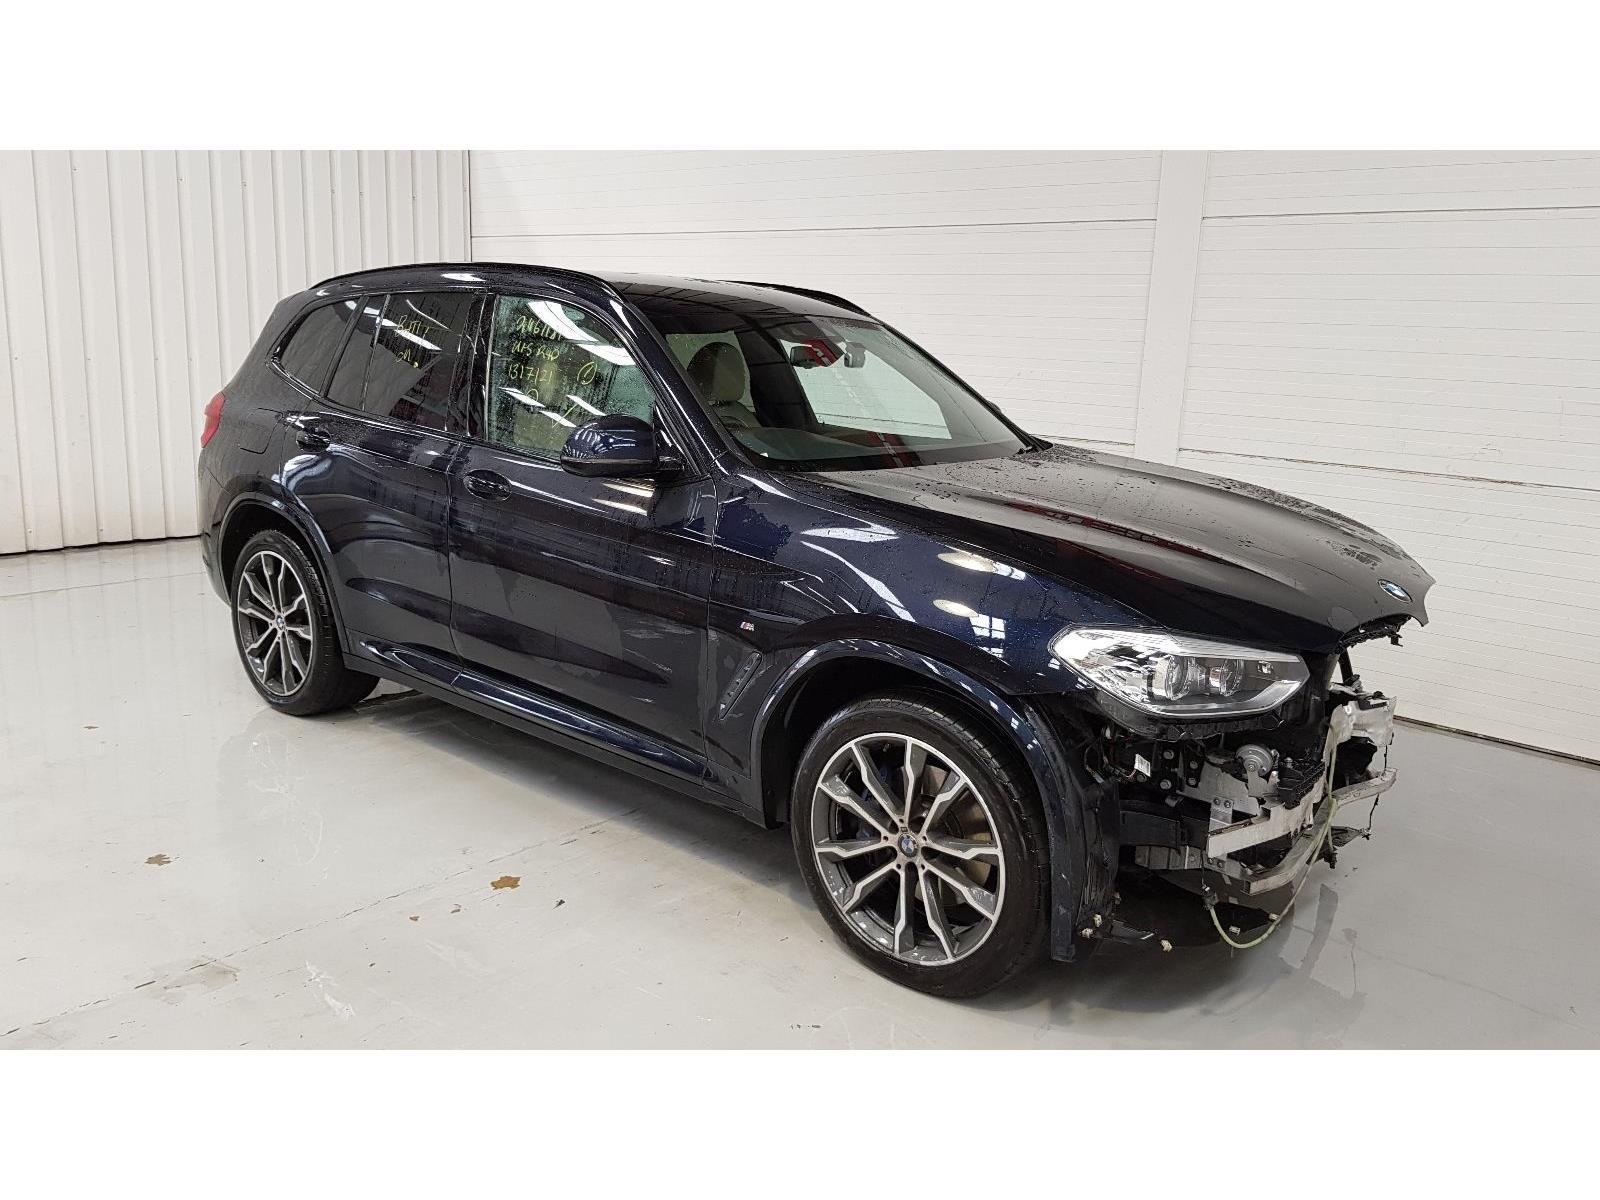 2018 BMW X3 XDRIVE30D M SPORT 2993cc Turbo Diesel Automatic 8 Speed 5 Door Estate